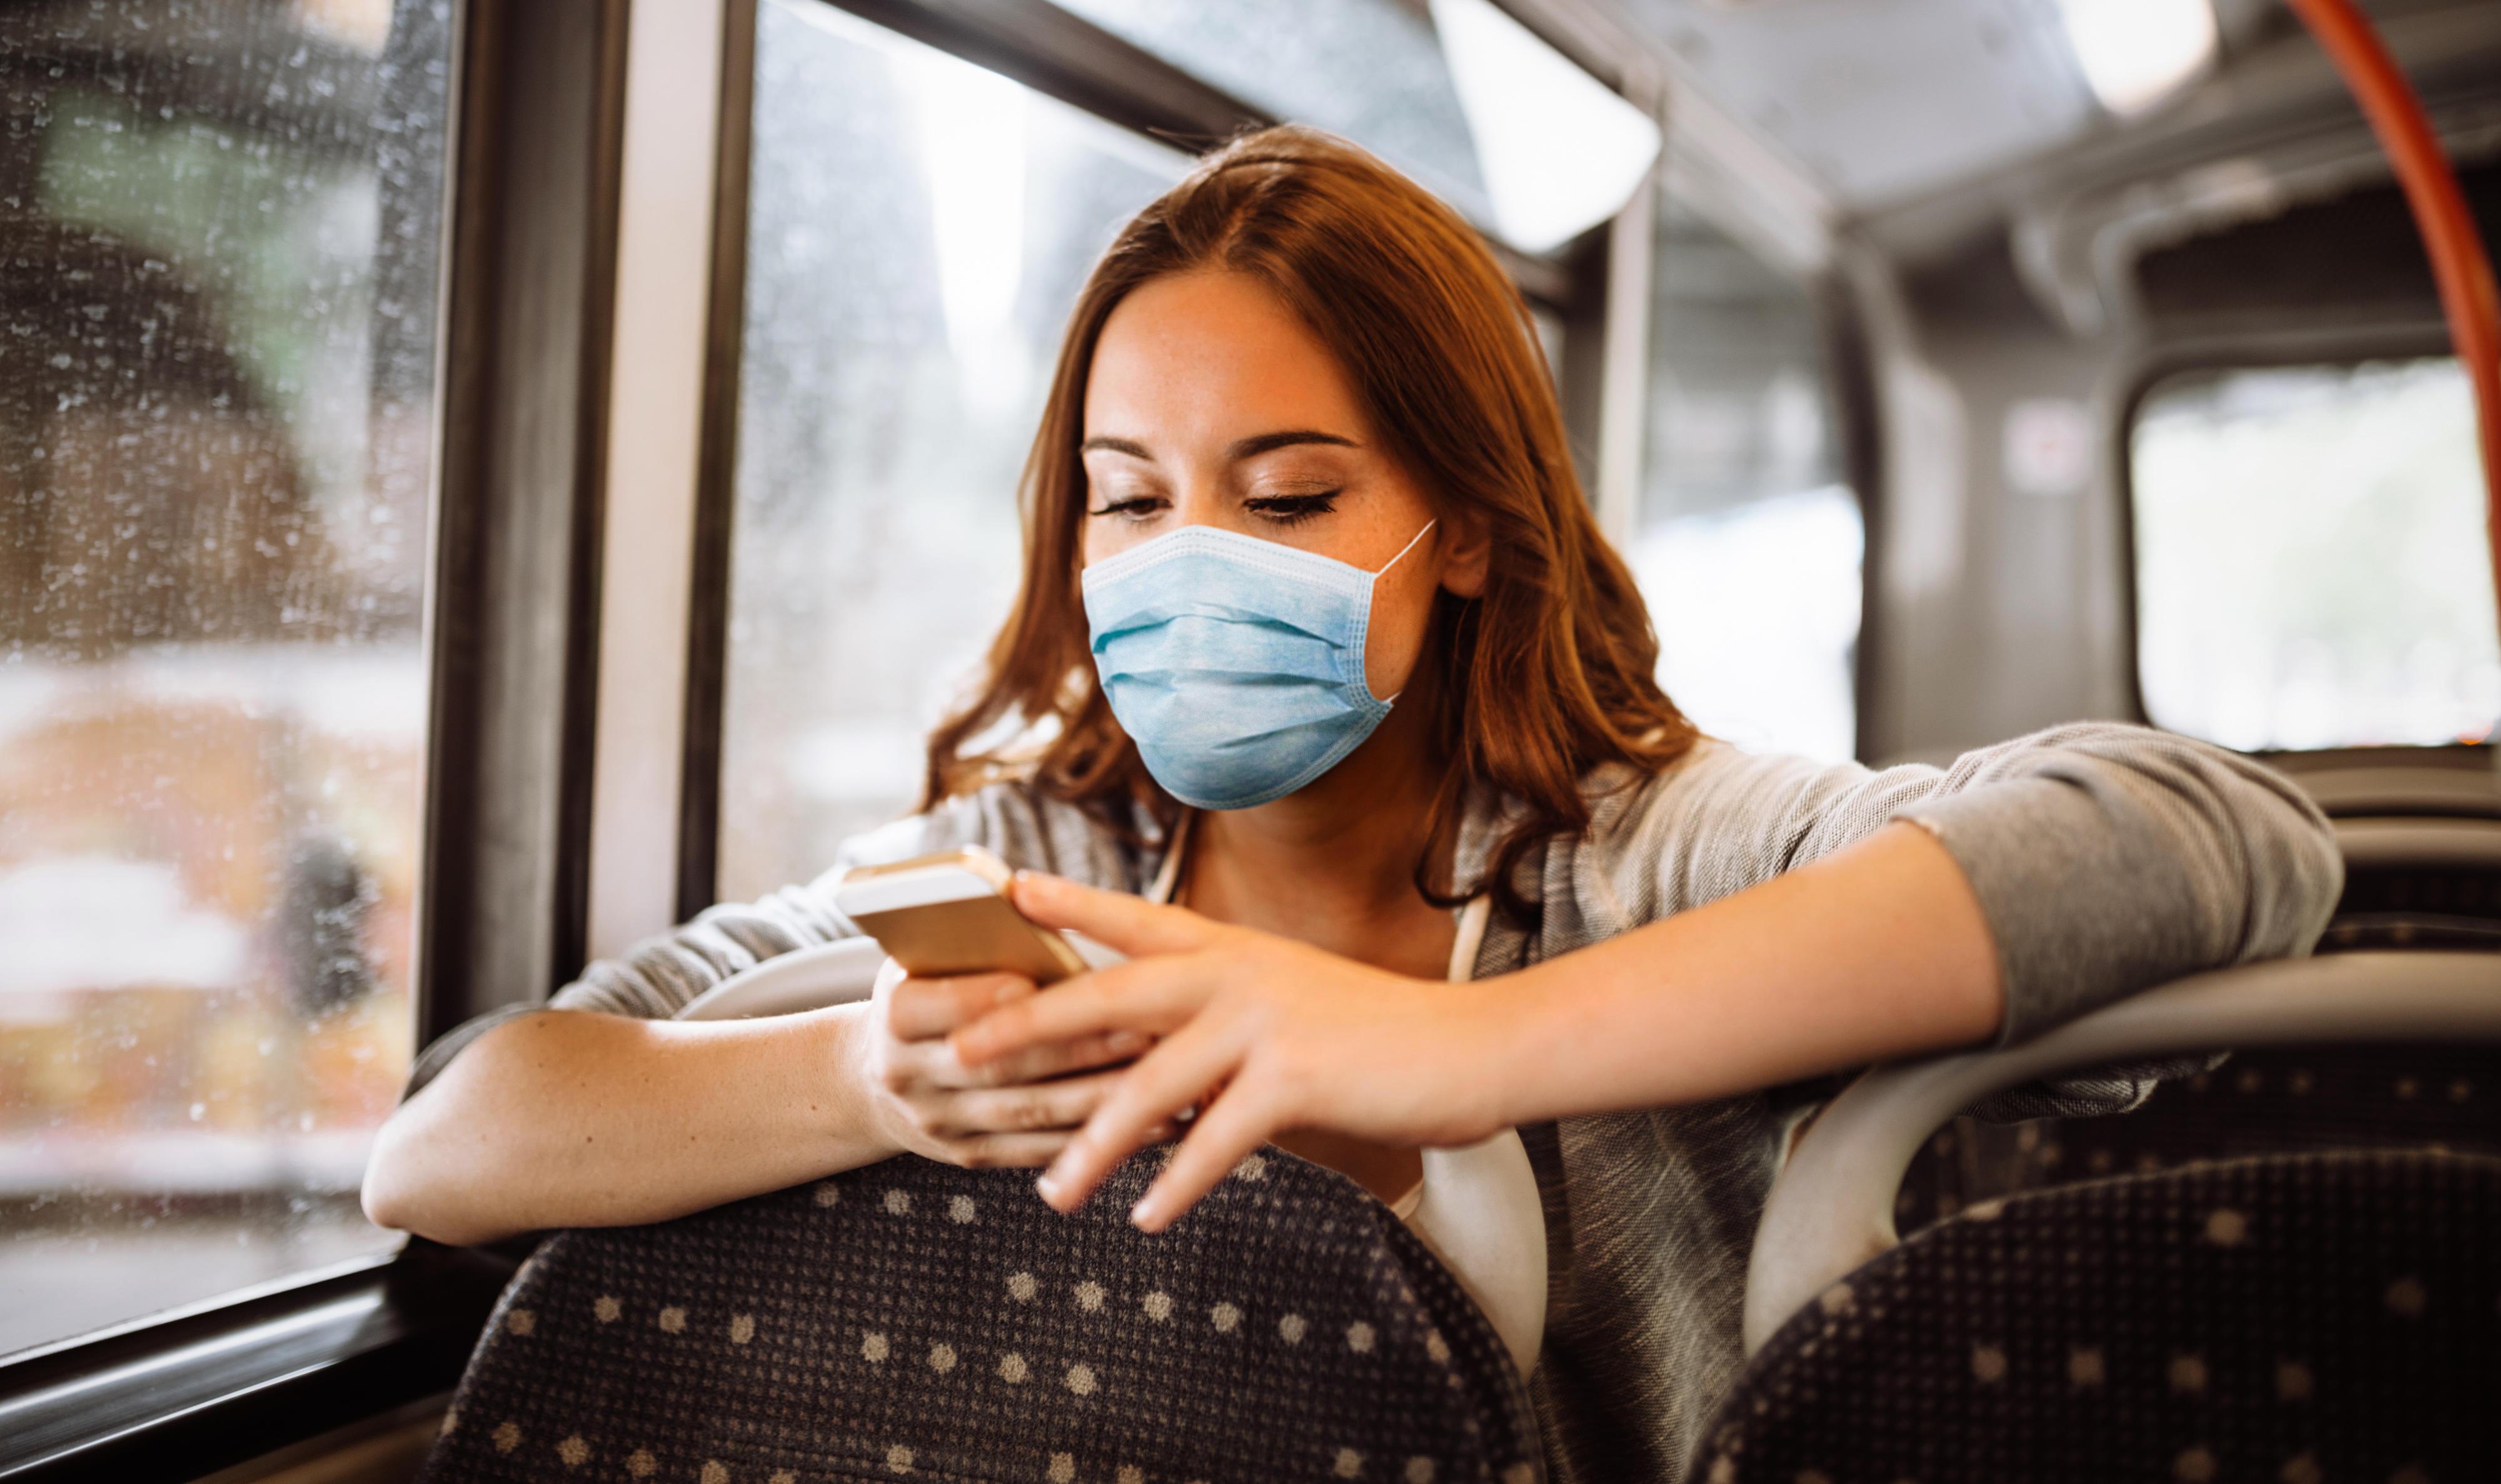 Eine junge Frau mit Mundschutz und Smartphone im Bus